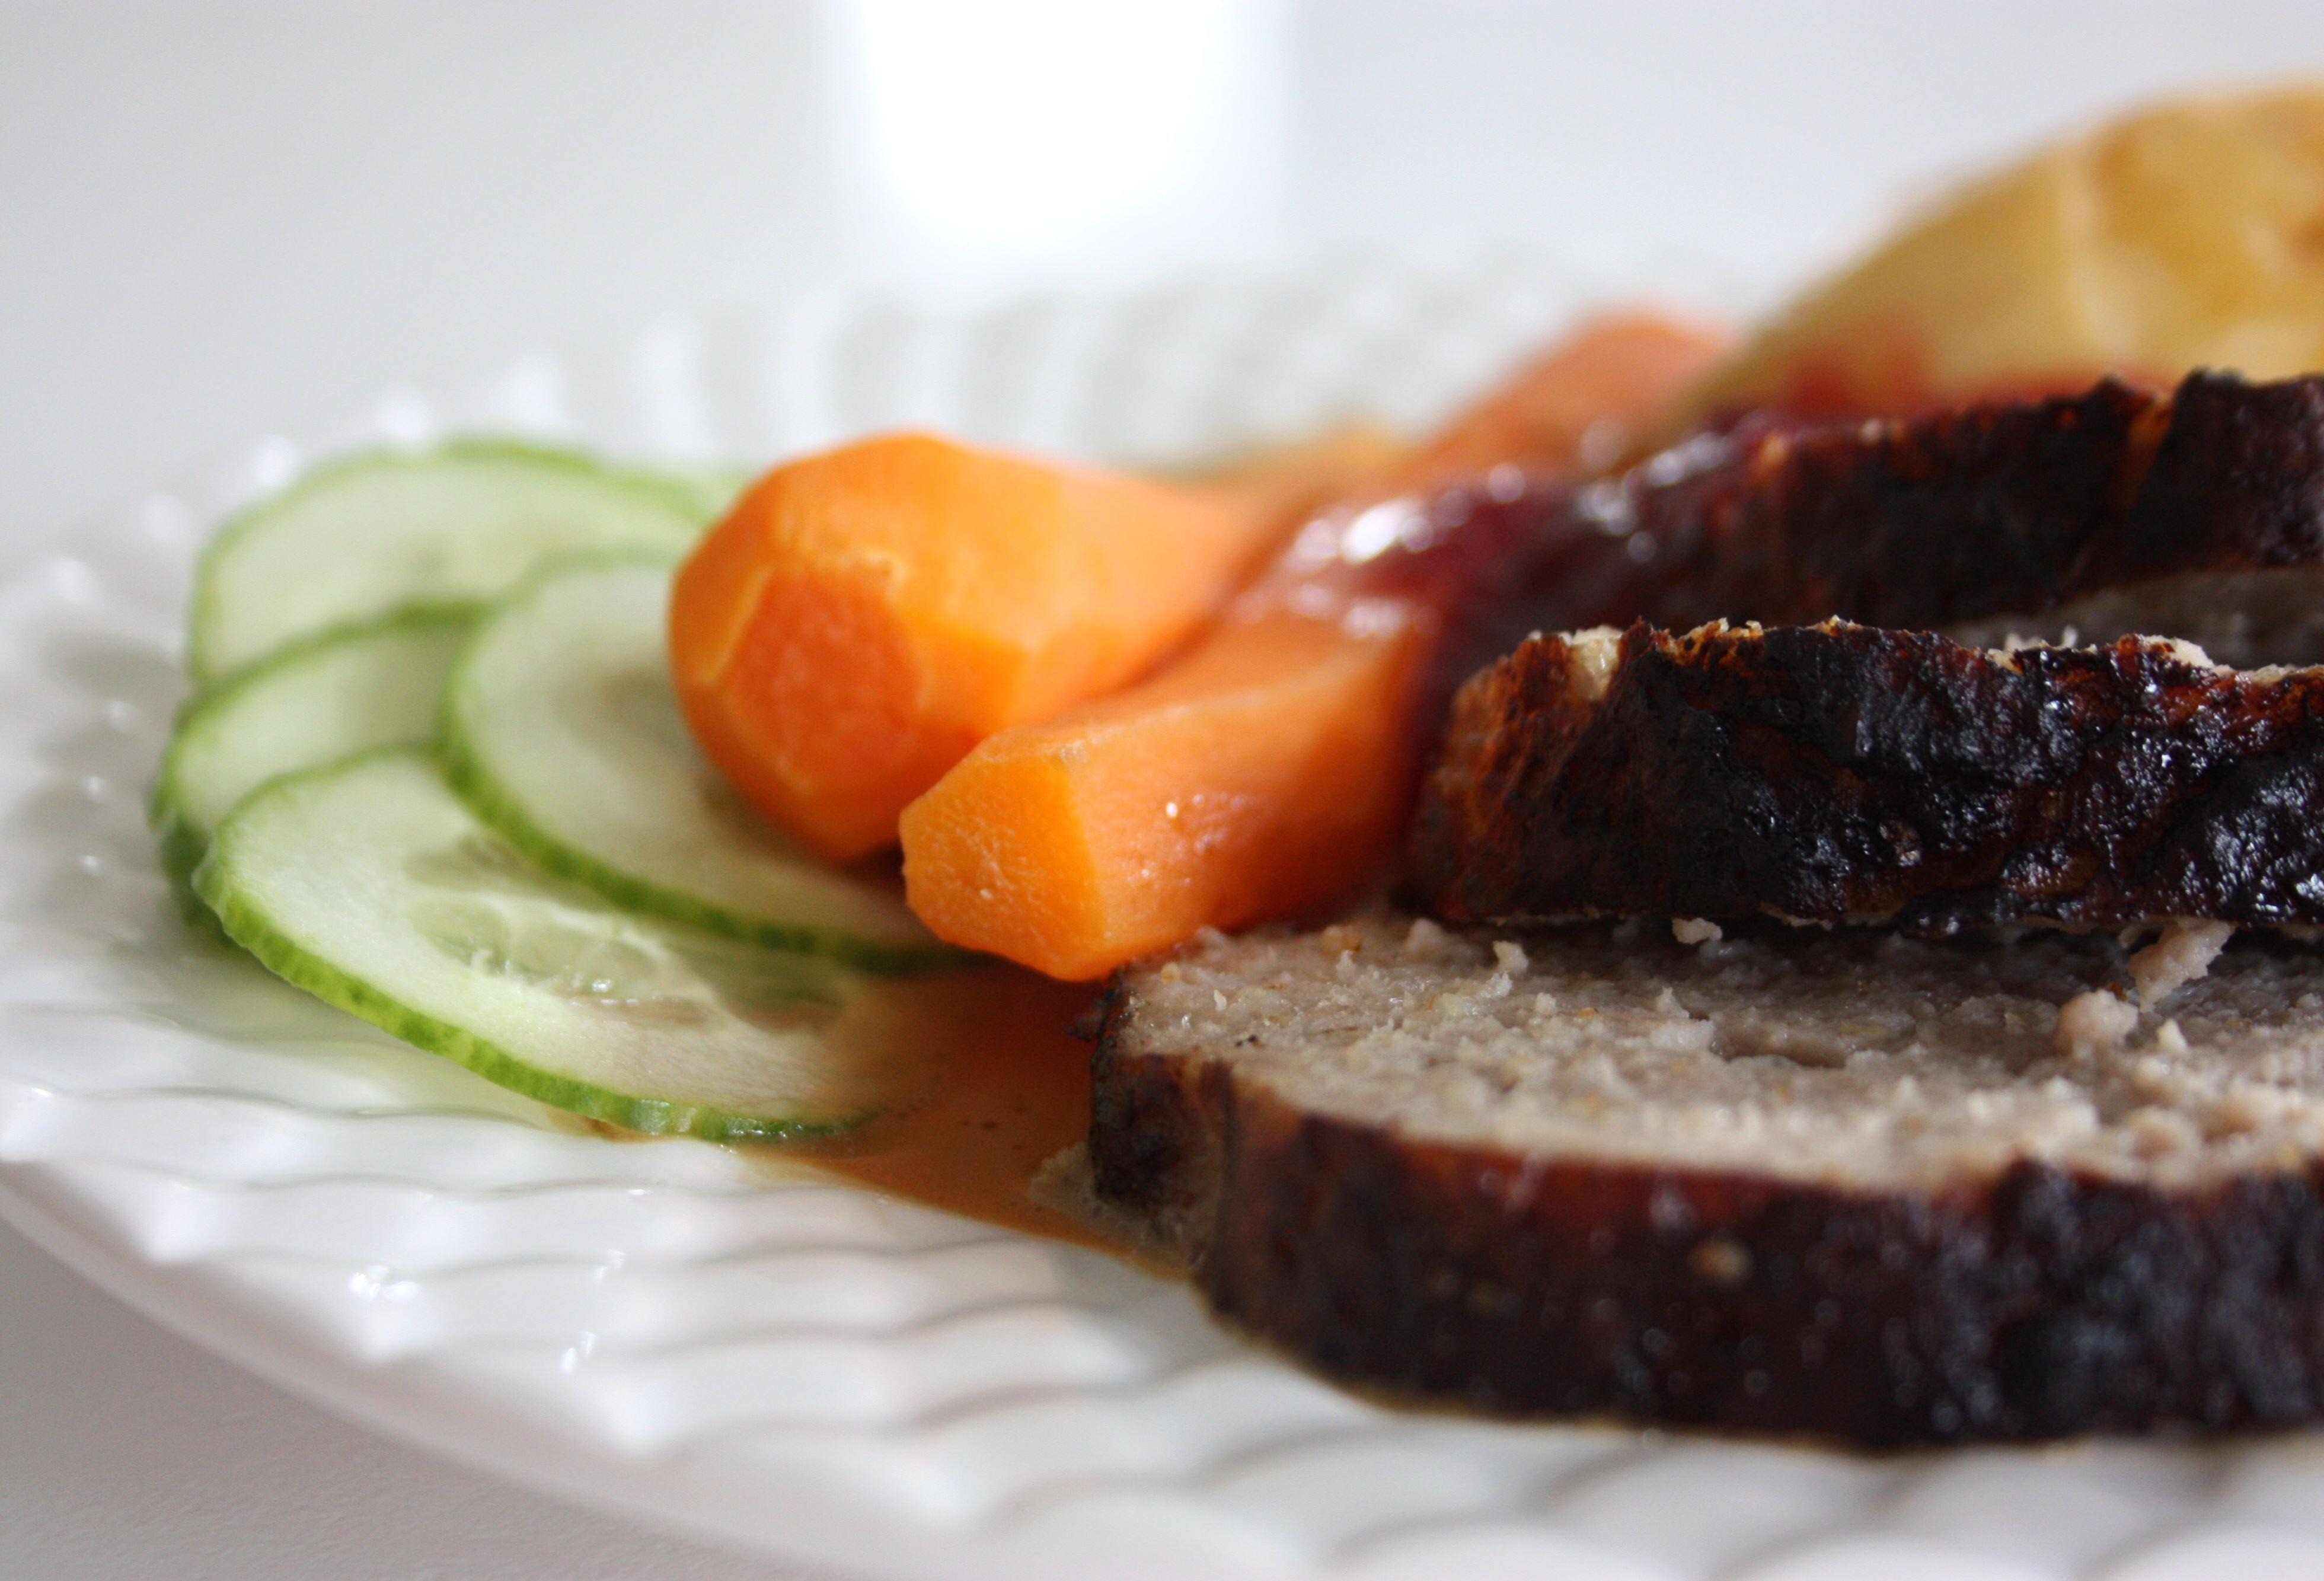 kokta morötter köttfärs